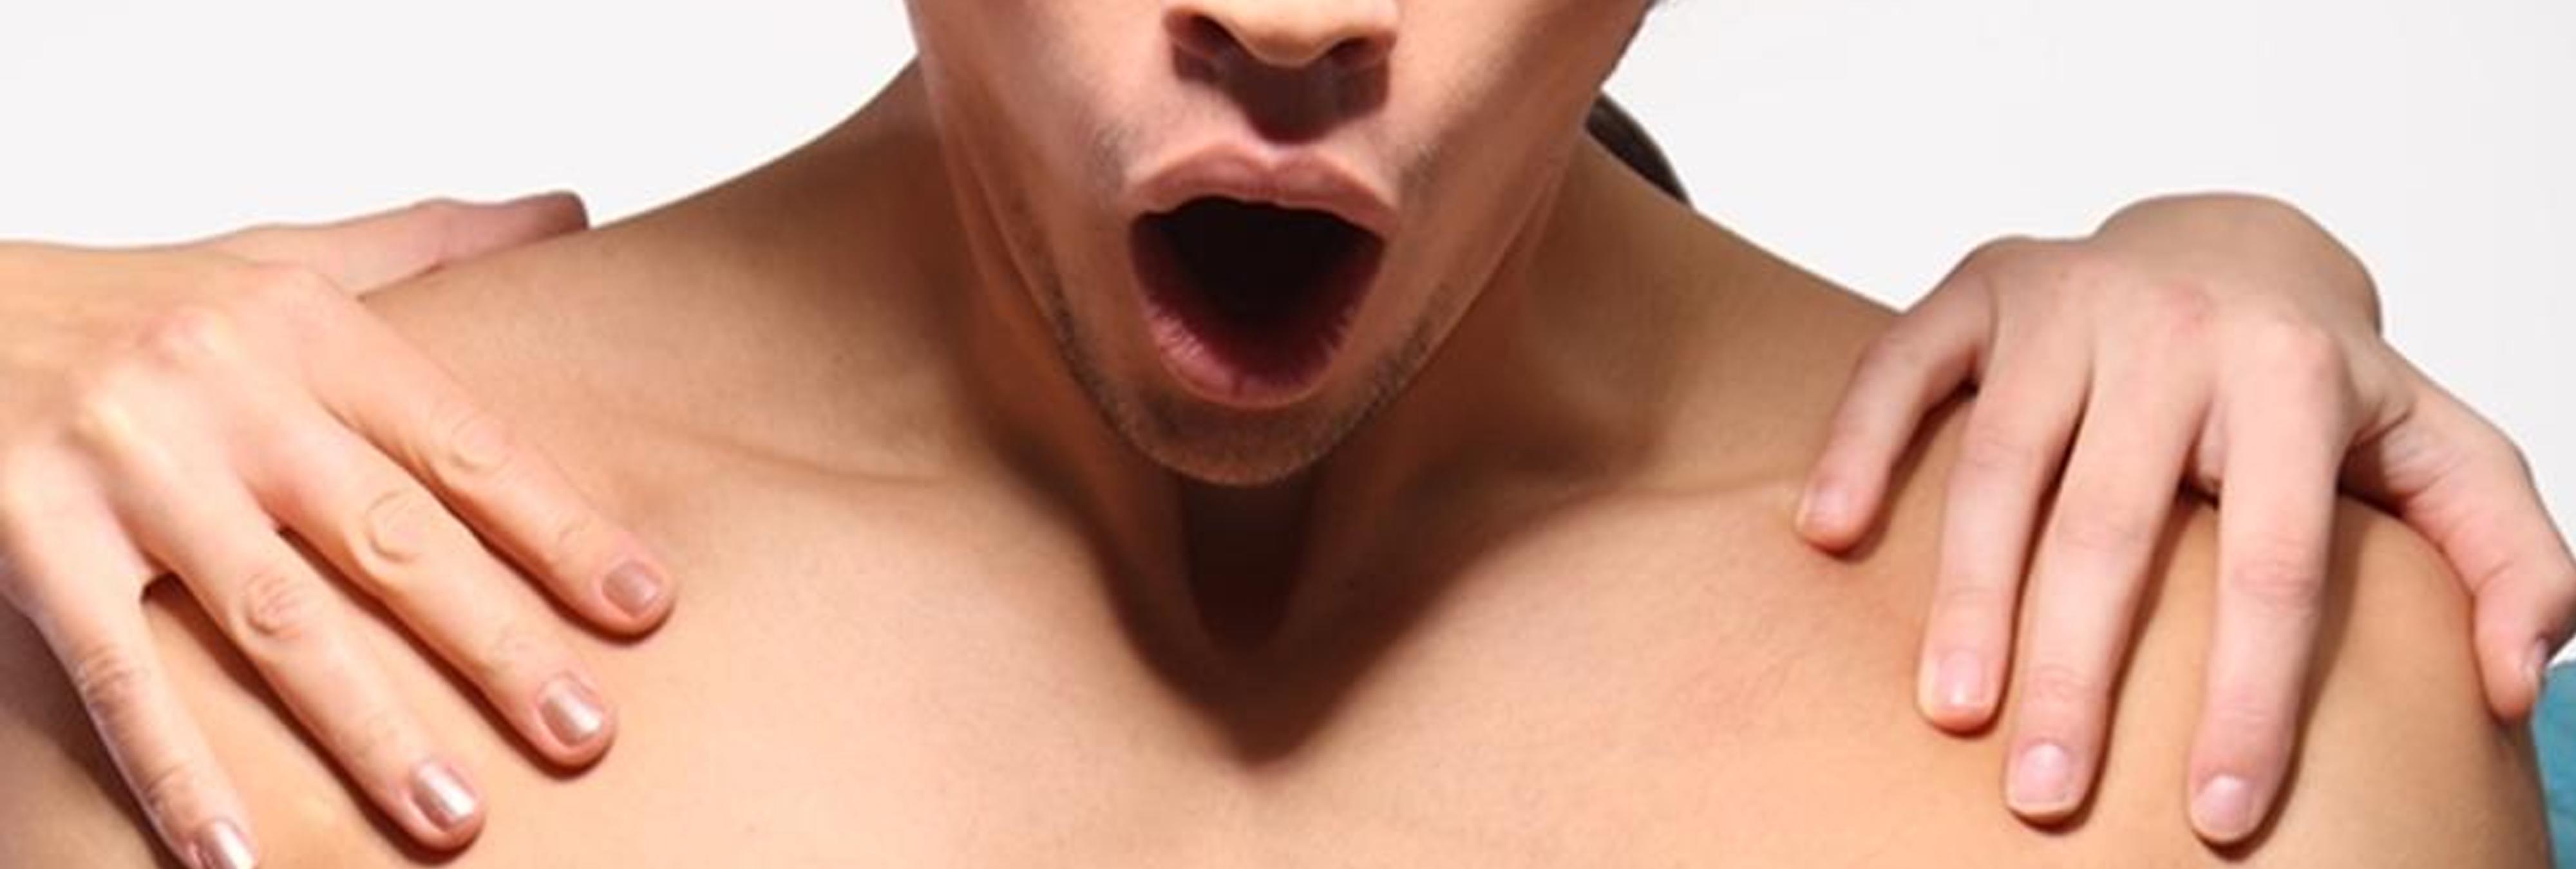 'Pegging': el cambio de roles sexuales que cada vez más hombres piden